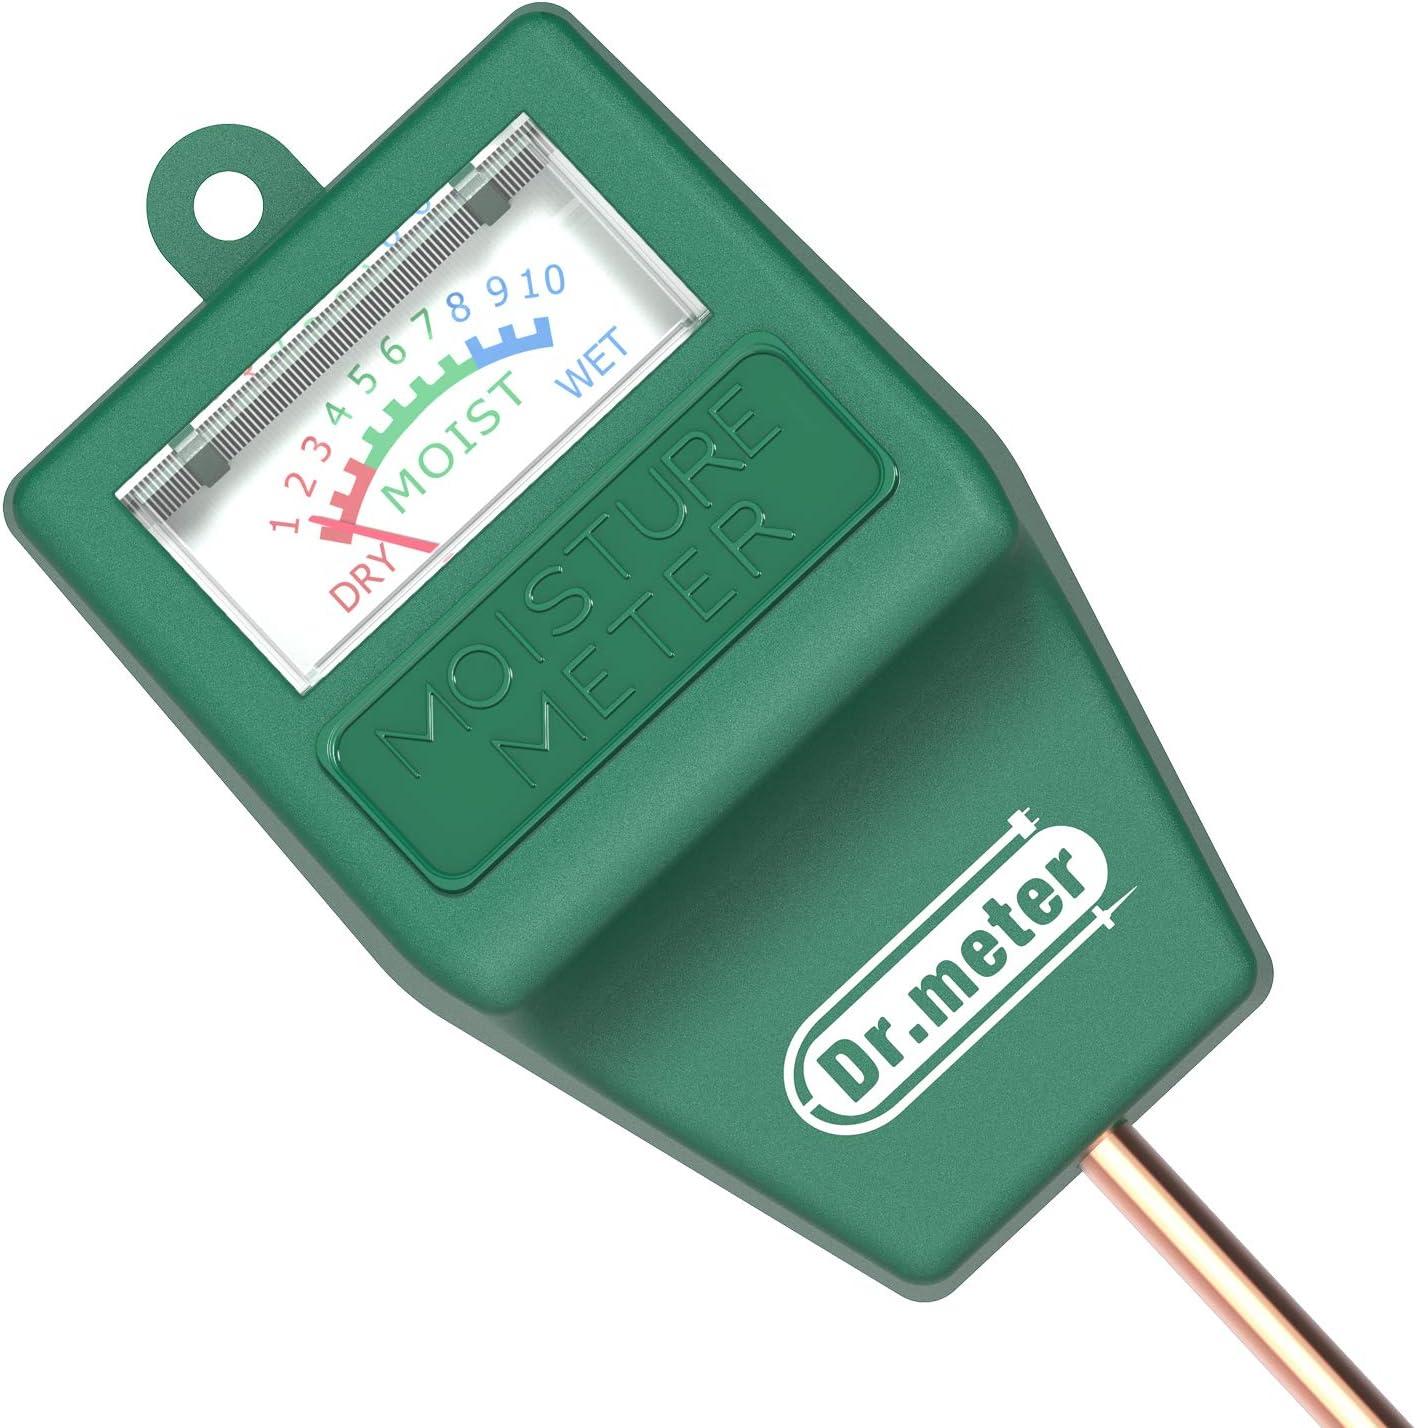 Dr. Meter Soil Moisture Sensor Meter